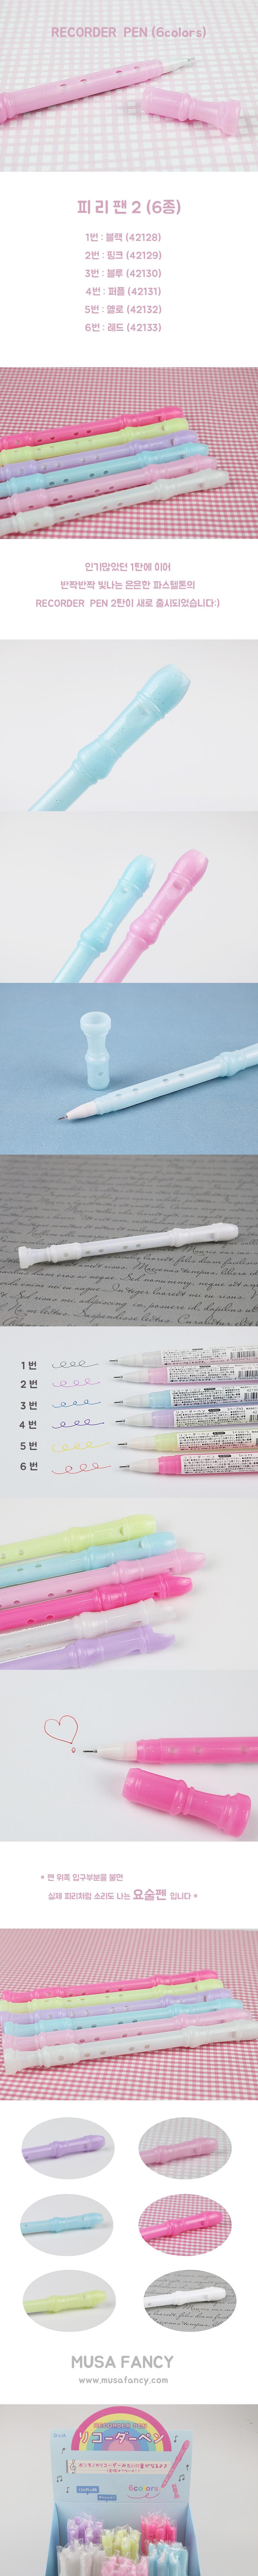 피리펜2탄(6종) - 마사팬시, 1,700원, 수성/중성펜, 심플 펜